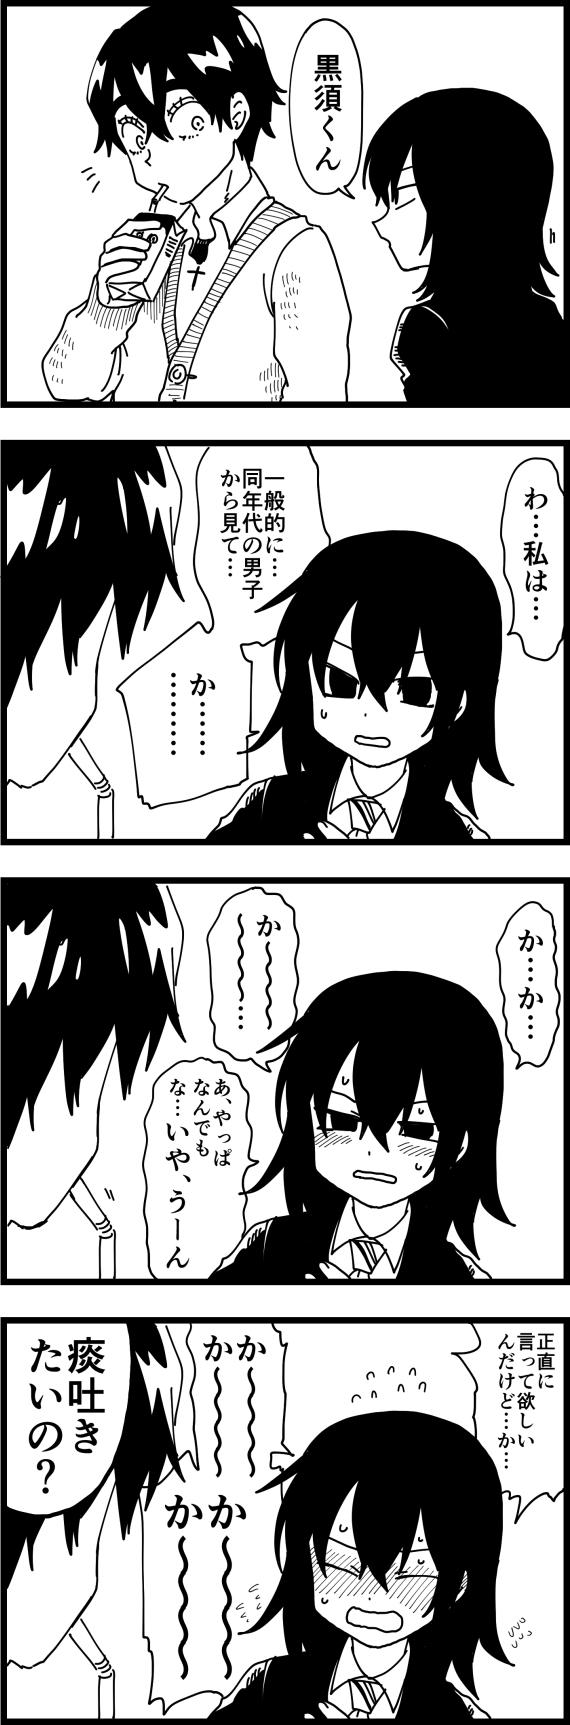 kawatake01.jpg